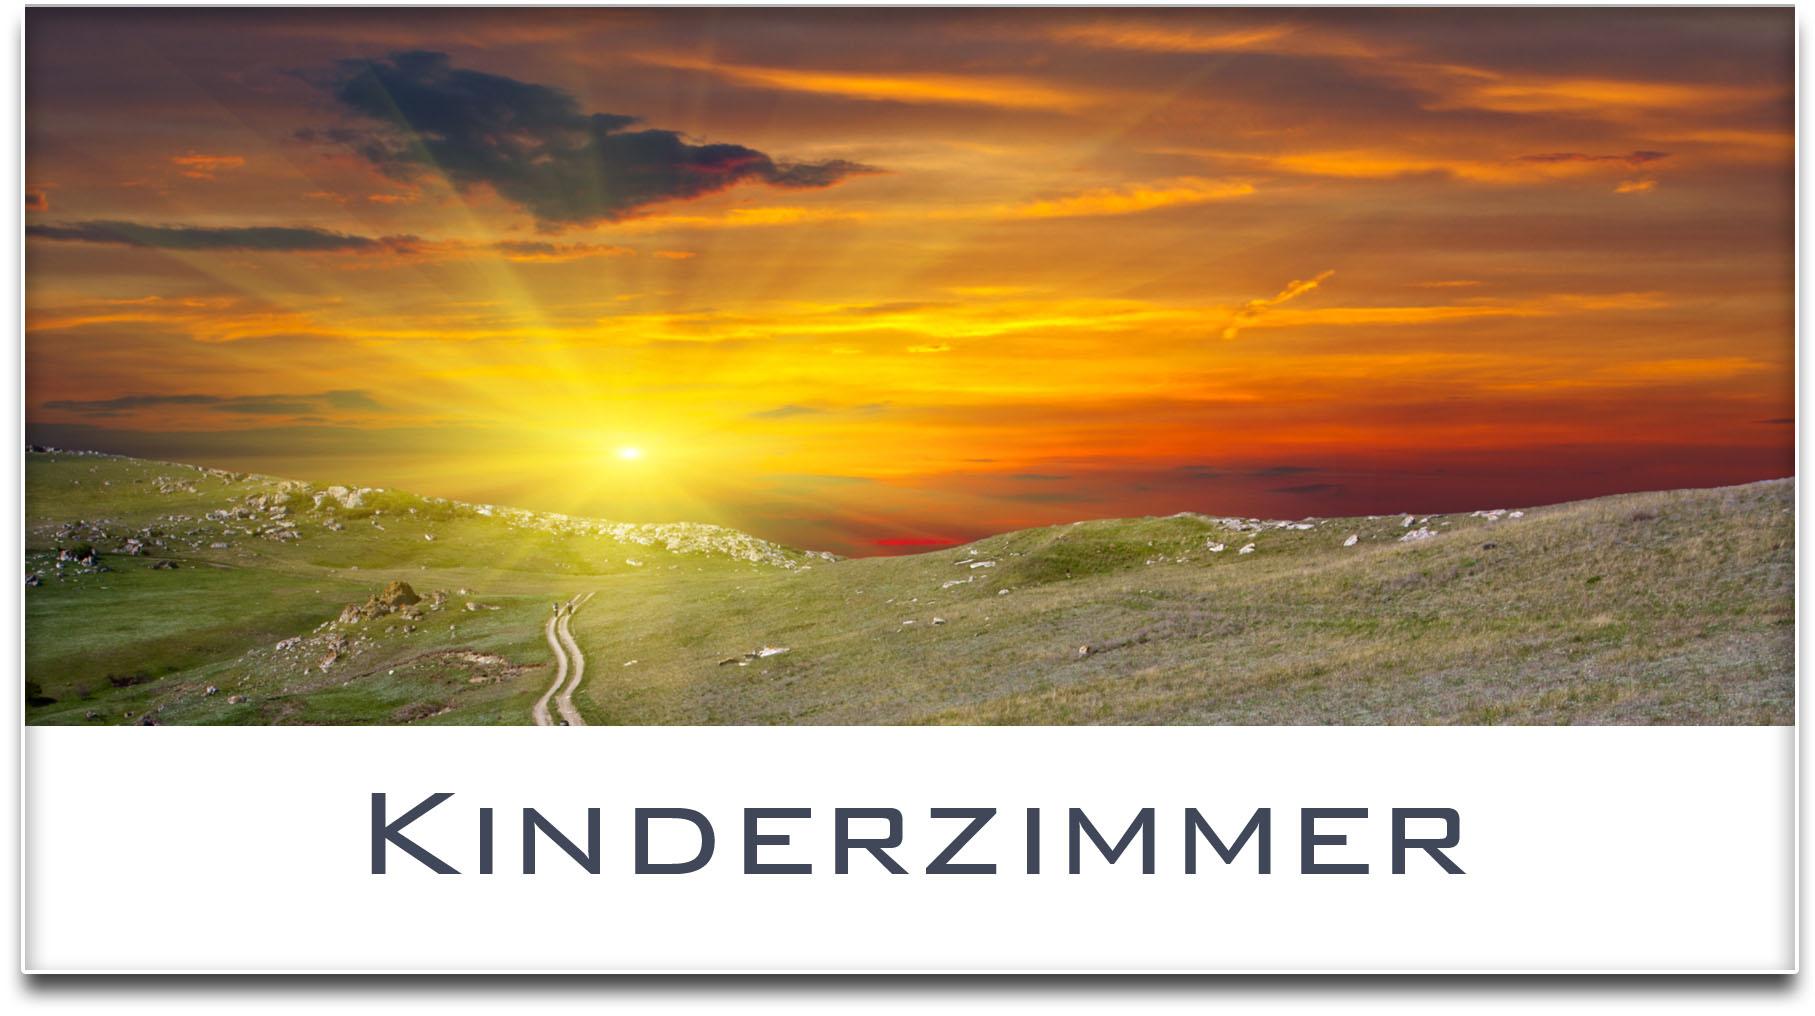 Türschild / Haustürschild / Sonnenuntergang / Kinderzimmer / Selbstklebend